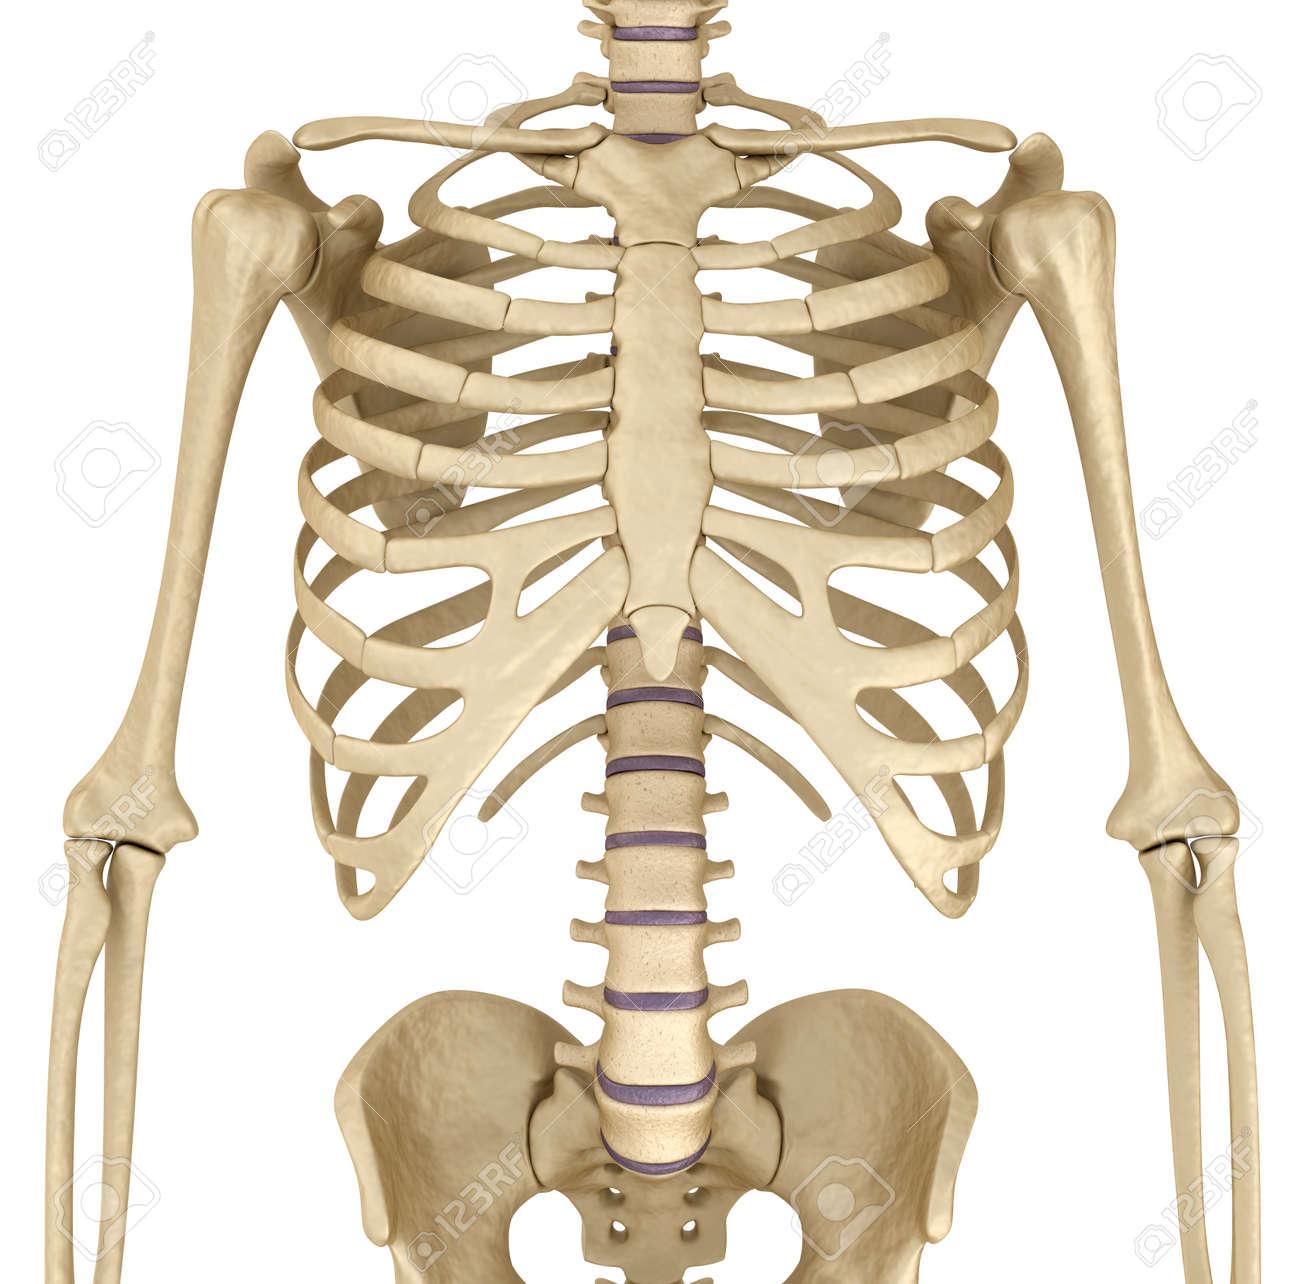 Excepcional Diagrama De Pecho Humana Ilustración - Anatomía de Las ...